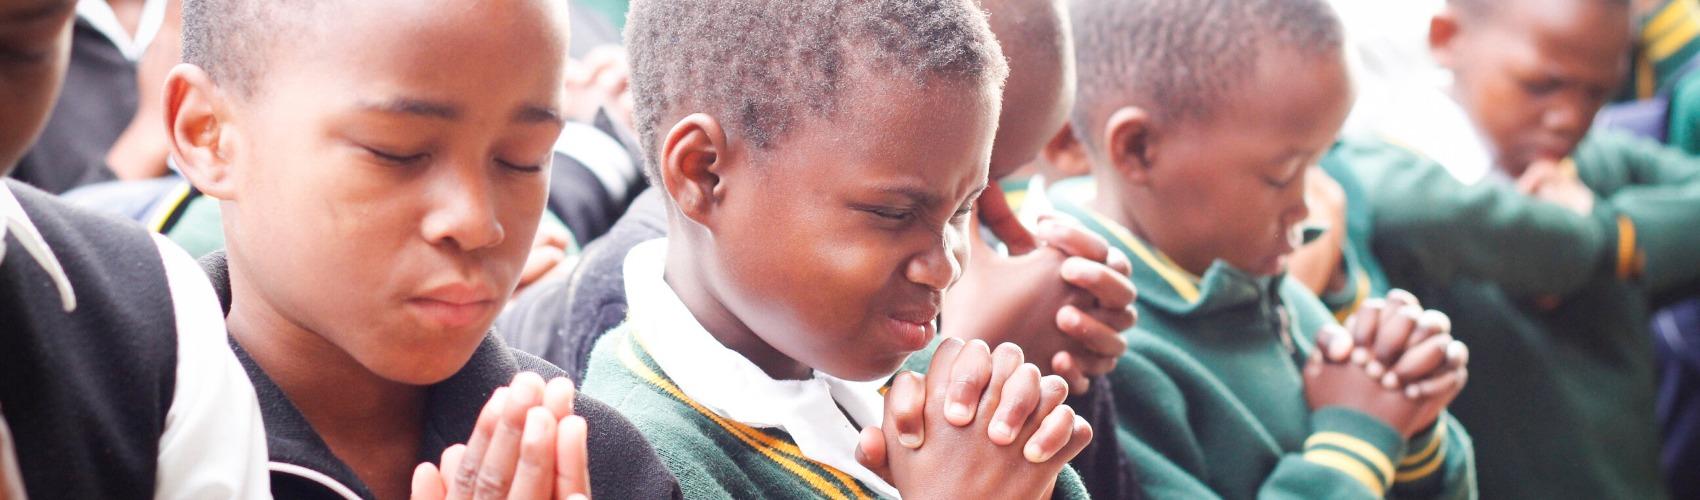 祈りの画像